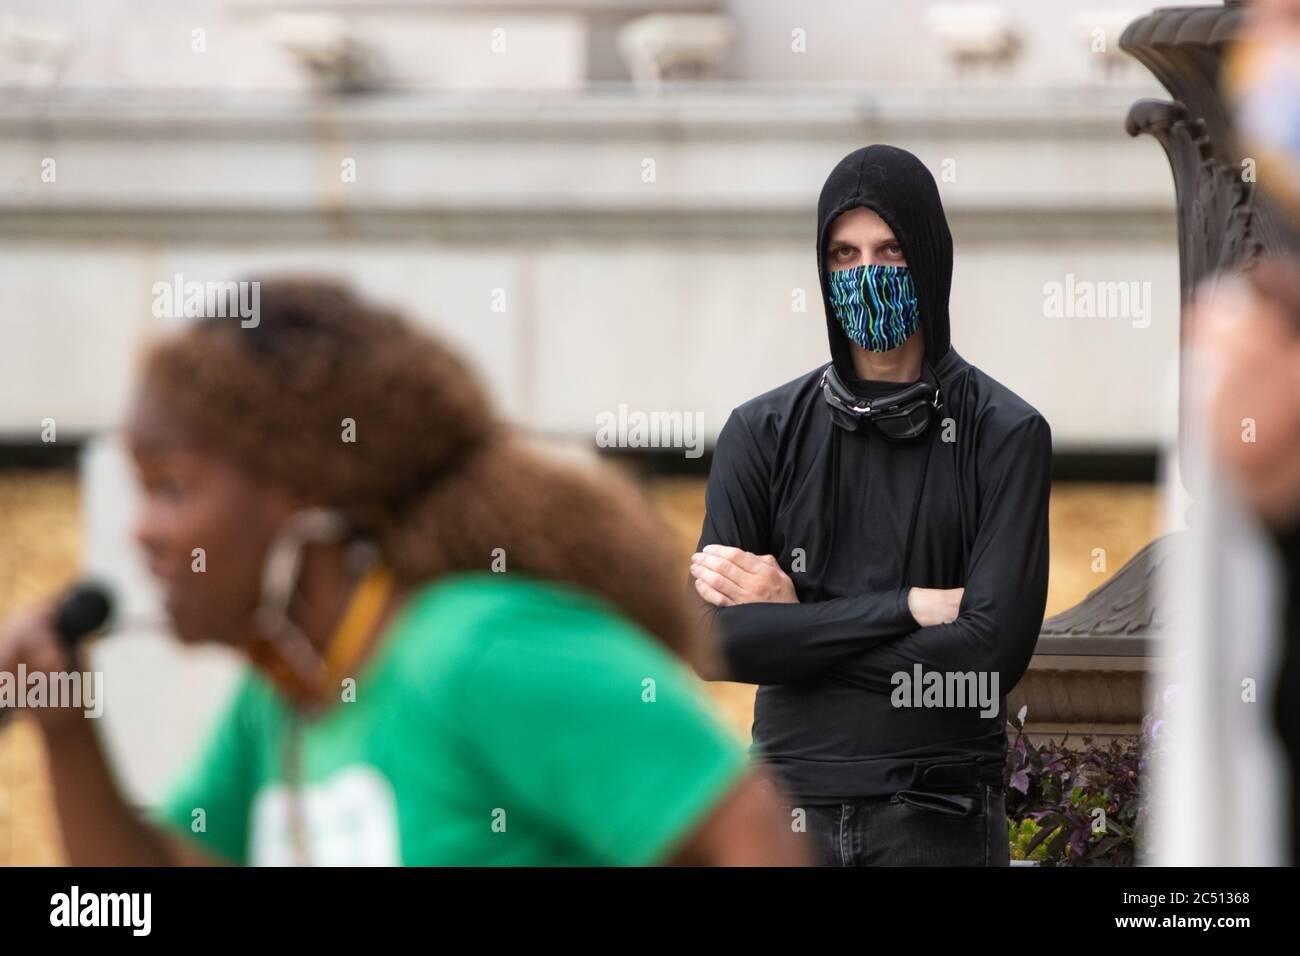 """29. Juni 2020: Nachdem die Stadtratssitzung von Denver wegen """"gesundheitlicher Bedenken"""" abgesagt wurde, spricht Ratsmitglied Candi Cdabaca zu einer Gruppe von Demonstranten. Die Gruppe wollte nicht zulassen, dass der Stadtrat sie von ihren öffentlichen Kommentaren abhält. Das Volksstadthum wurde sofort gebildet. Drei Minuten zu einer Zeit sprachen Demonstranten leidenschaftlich von einem Mikrofon auf der Treppe, die zu den Ratskammern führte. Quelle: Tyler Tomasello/ZUMA Wire/Alamy Live News Stockfoto"""